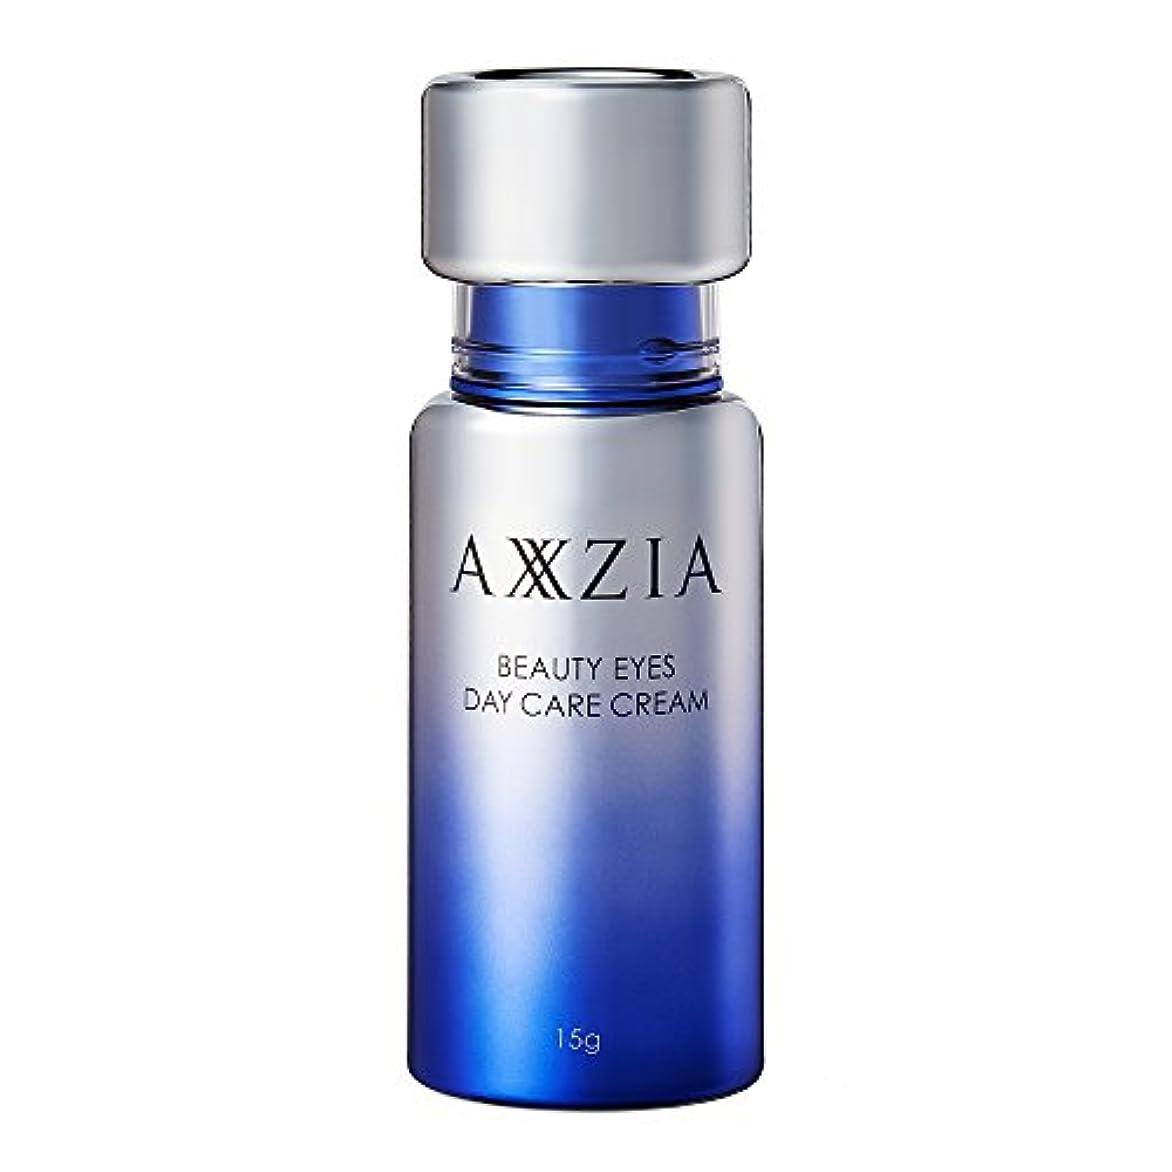 変わるツール浅いアクシージア (AXXZIA) ビューティアイズ デイ ケア クリーム 15g | アイクリーム 目の下のたるみ 化粧品 解消 目元のたるみ